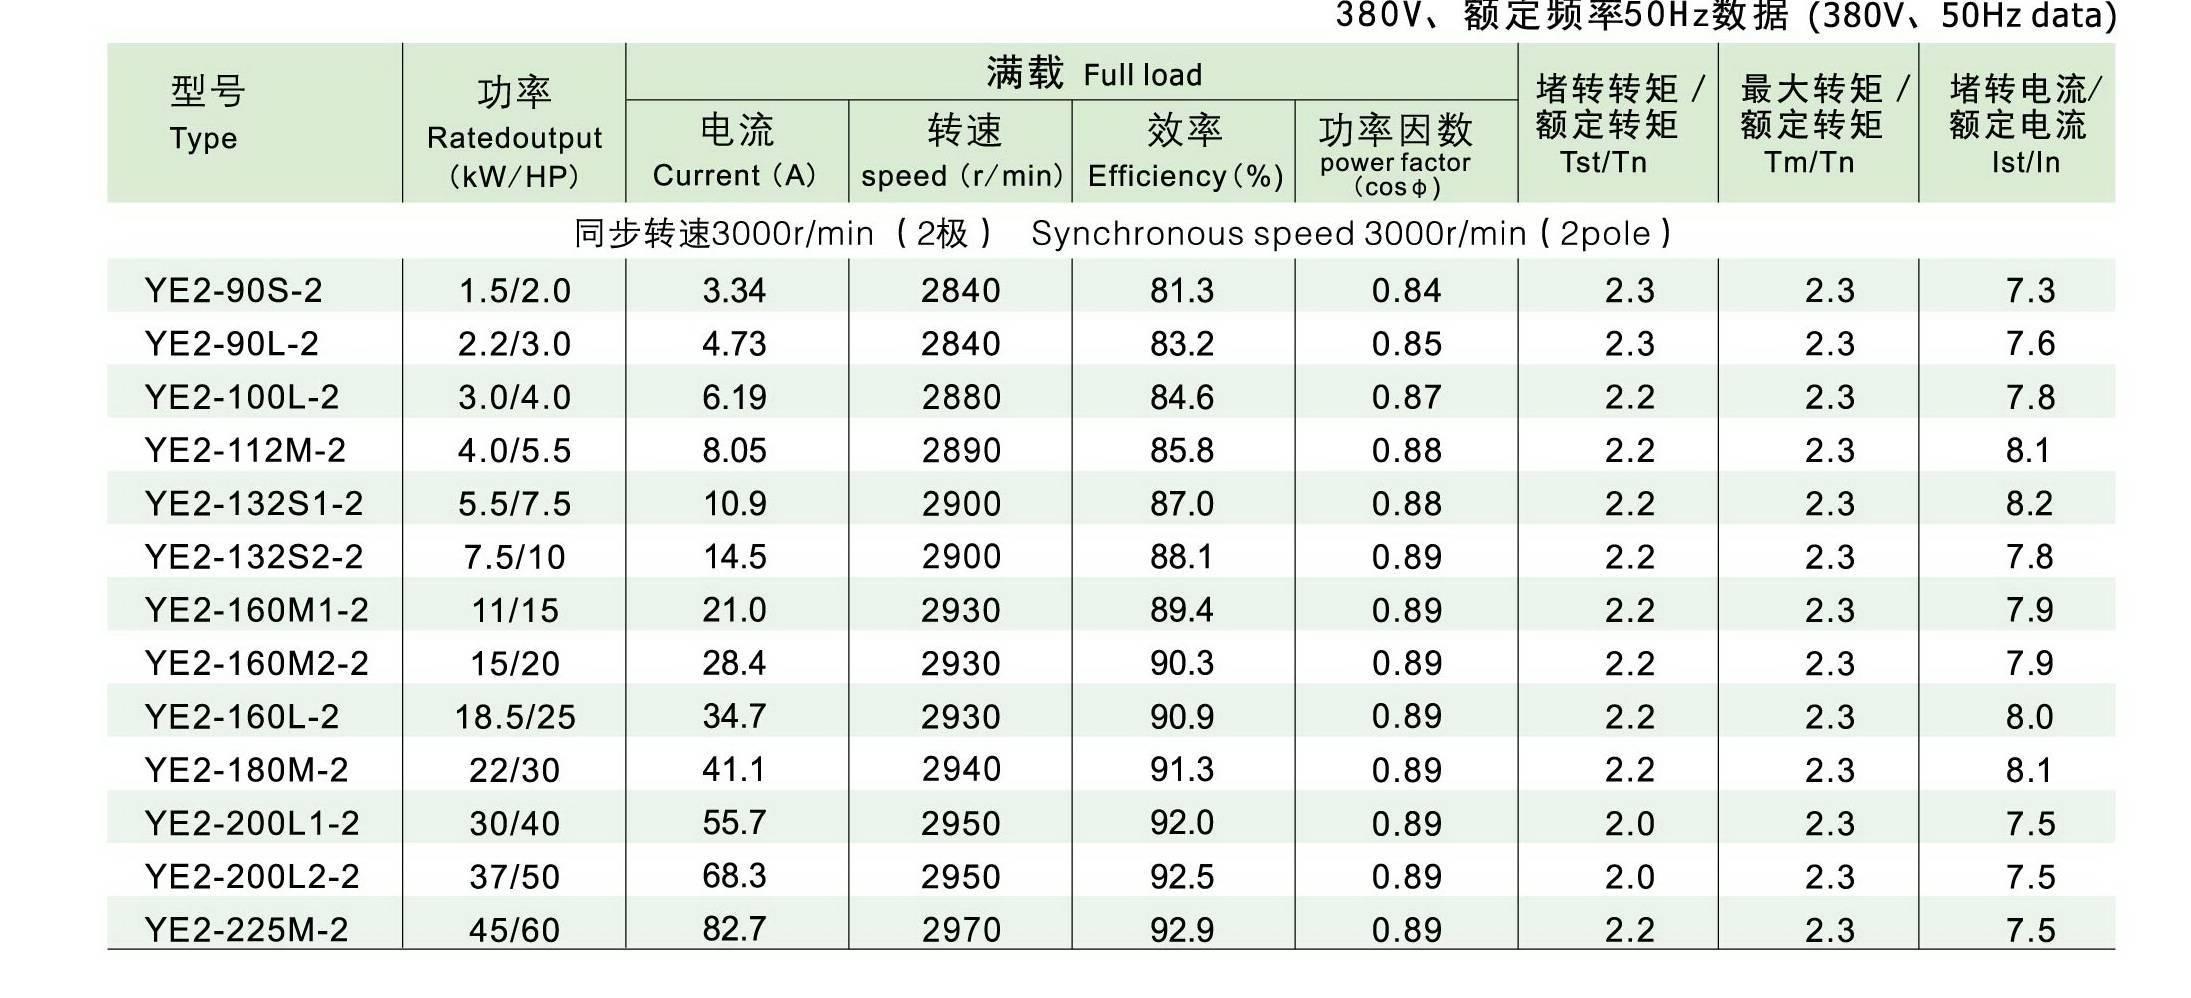 高效率三相异步电动机技术数据